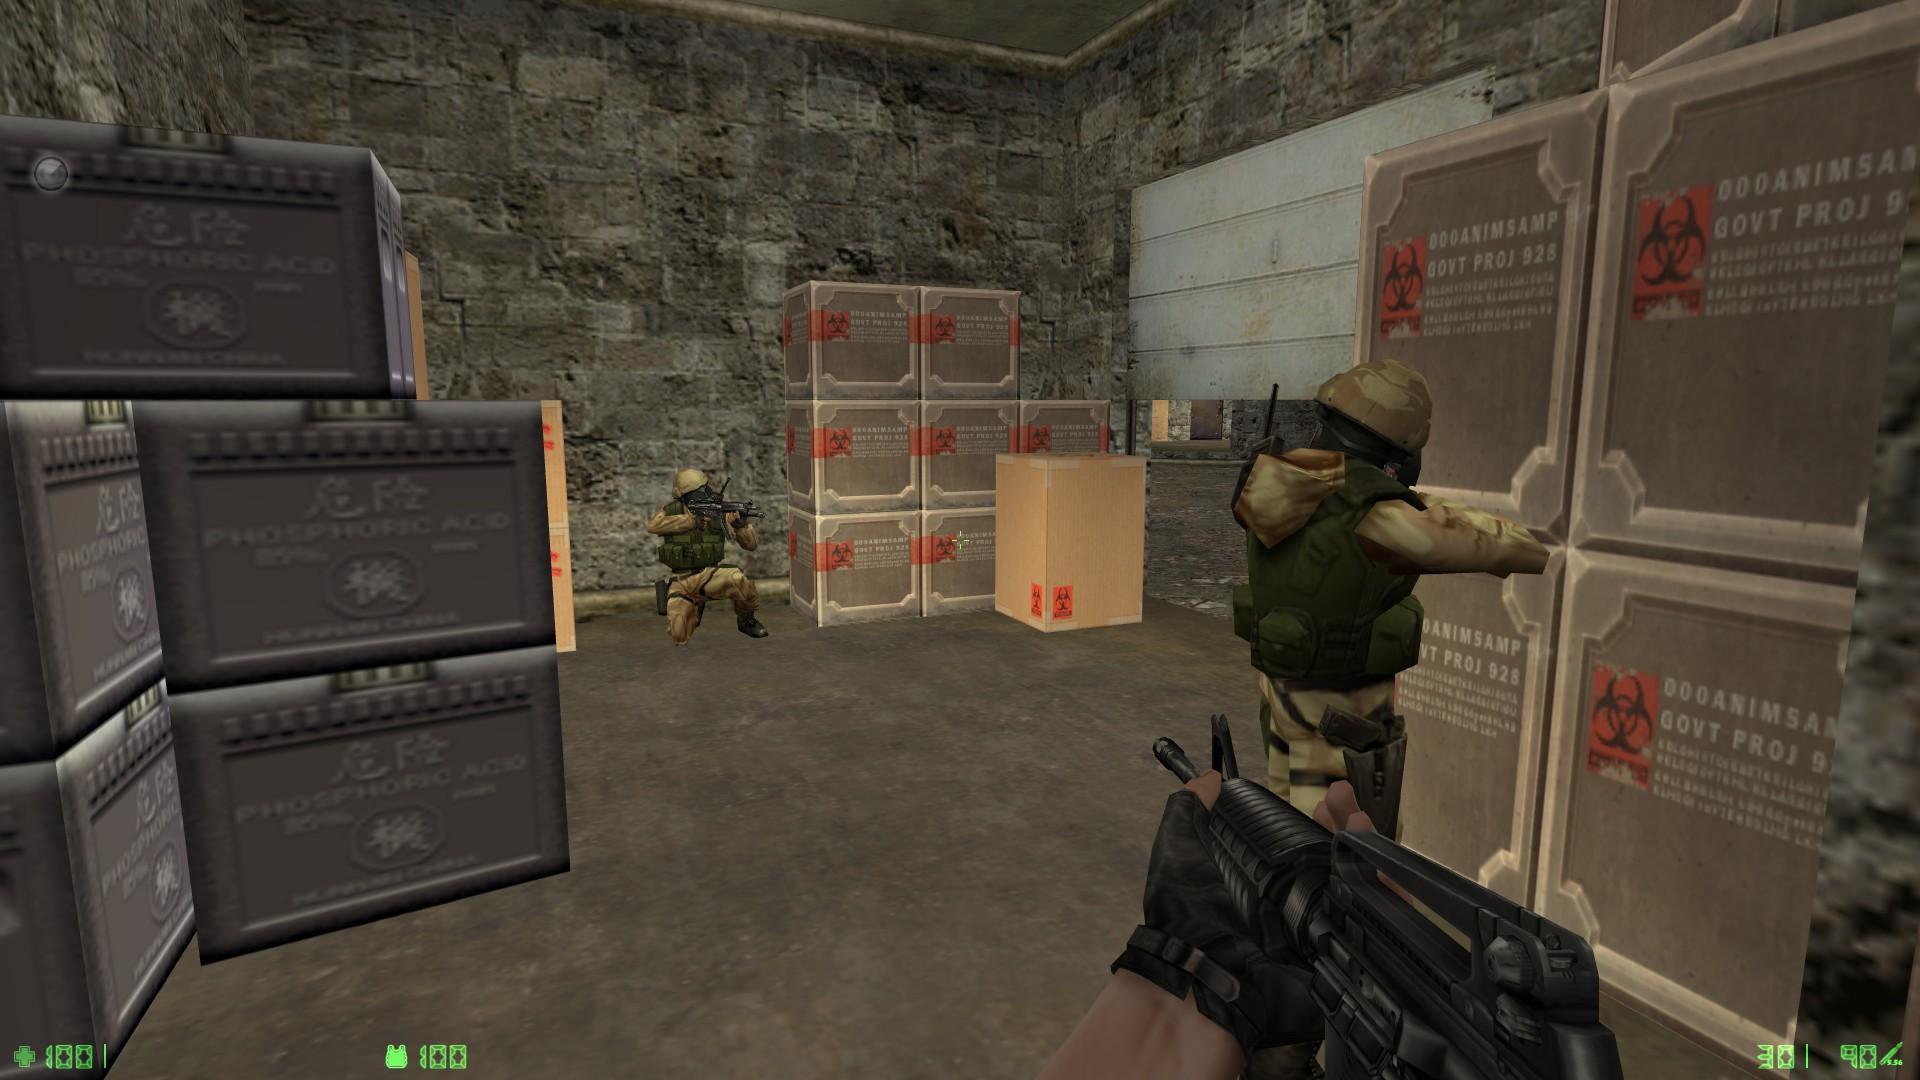 Counter-Strike: Condition Zero Deleted Scenes - Lutris